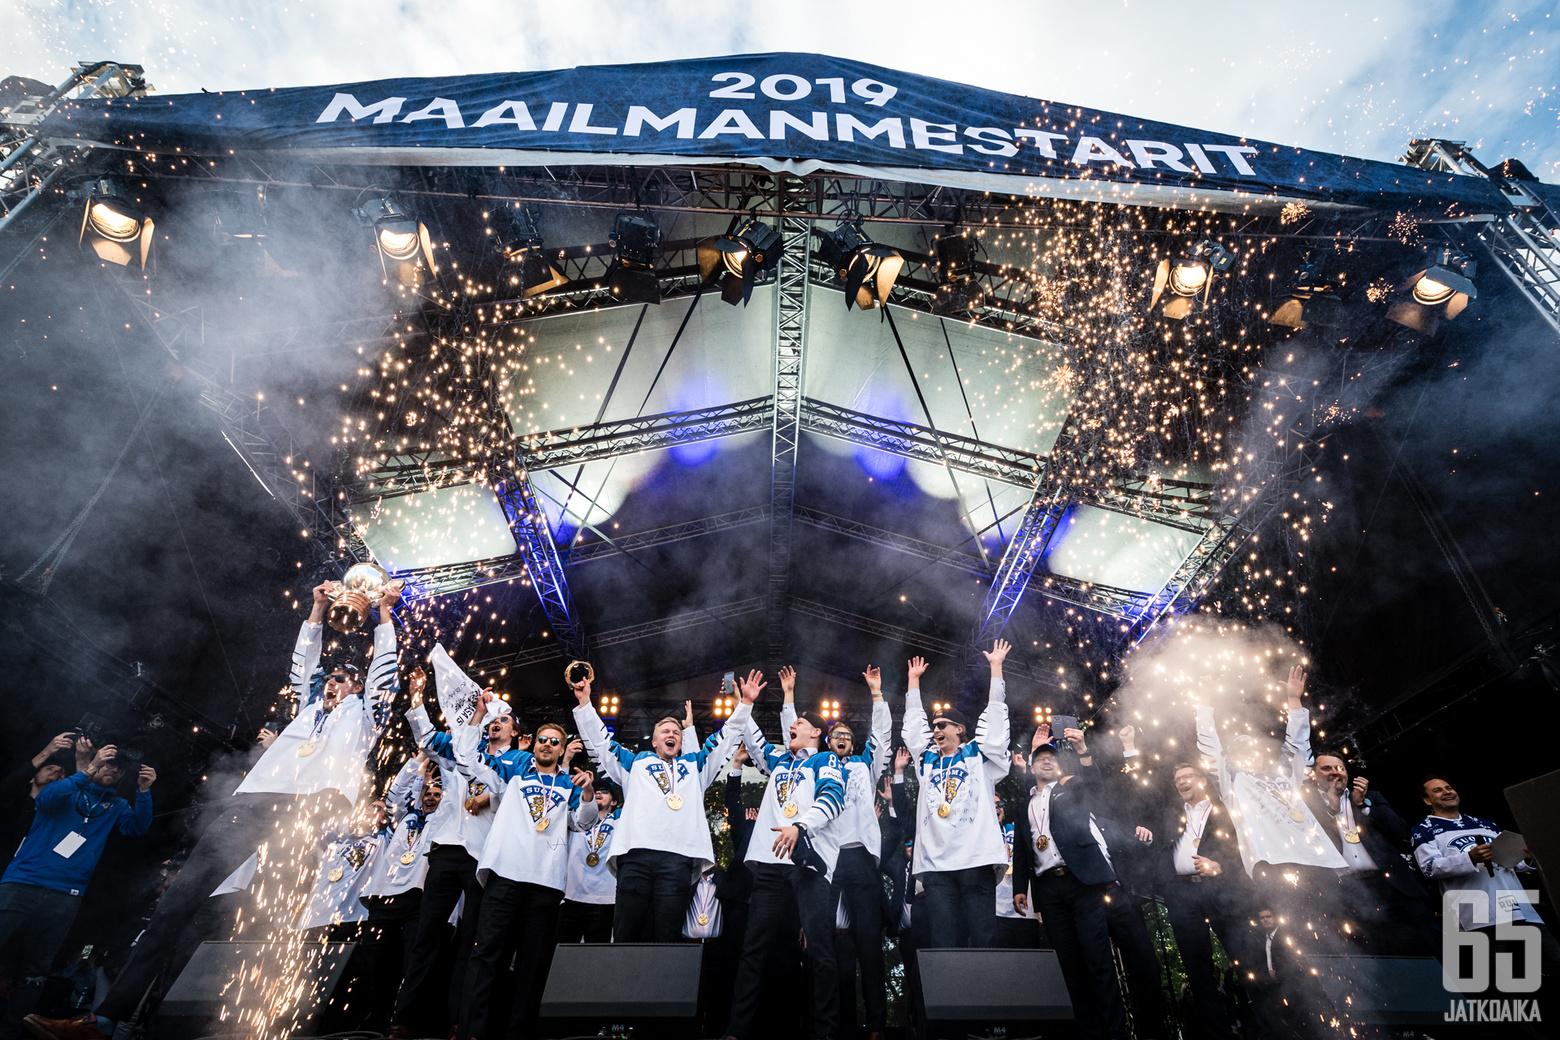 Leijonat Suomen MM 2019 -kansanjuhlassa, Kaisaniemen puistossa, 27. toukokuuta 2019.